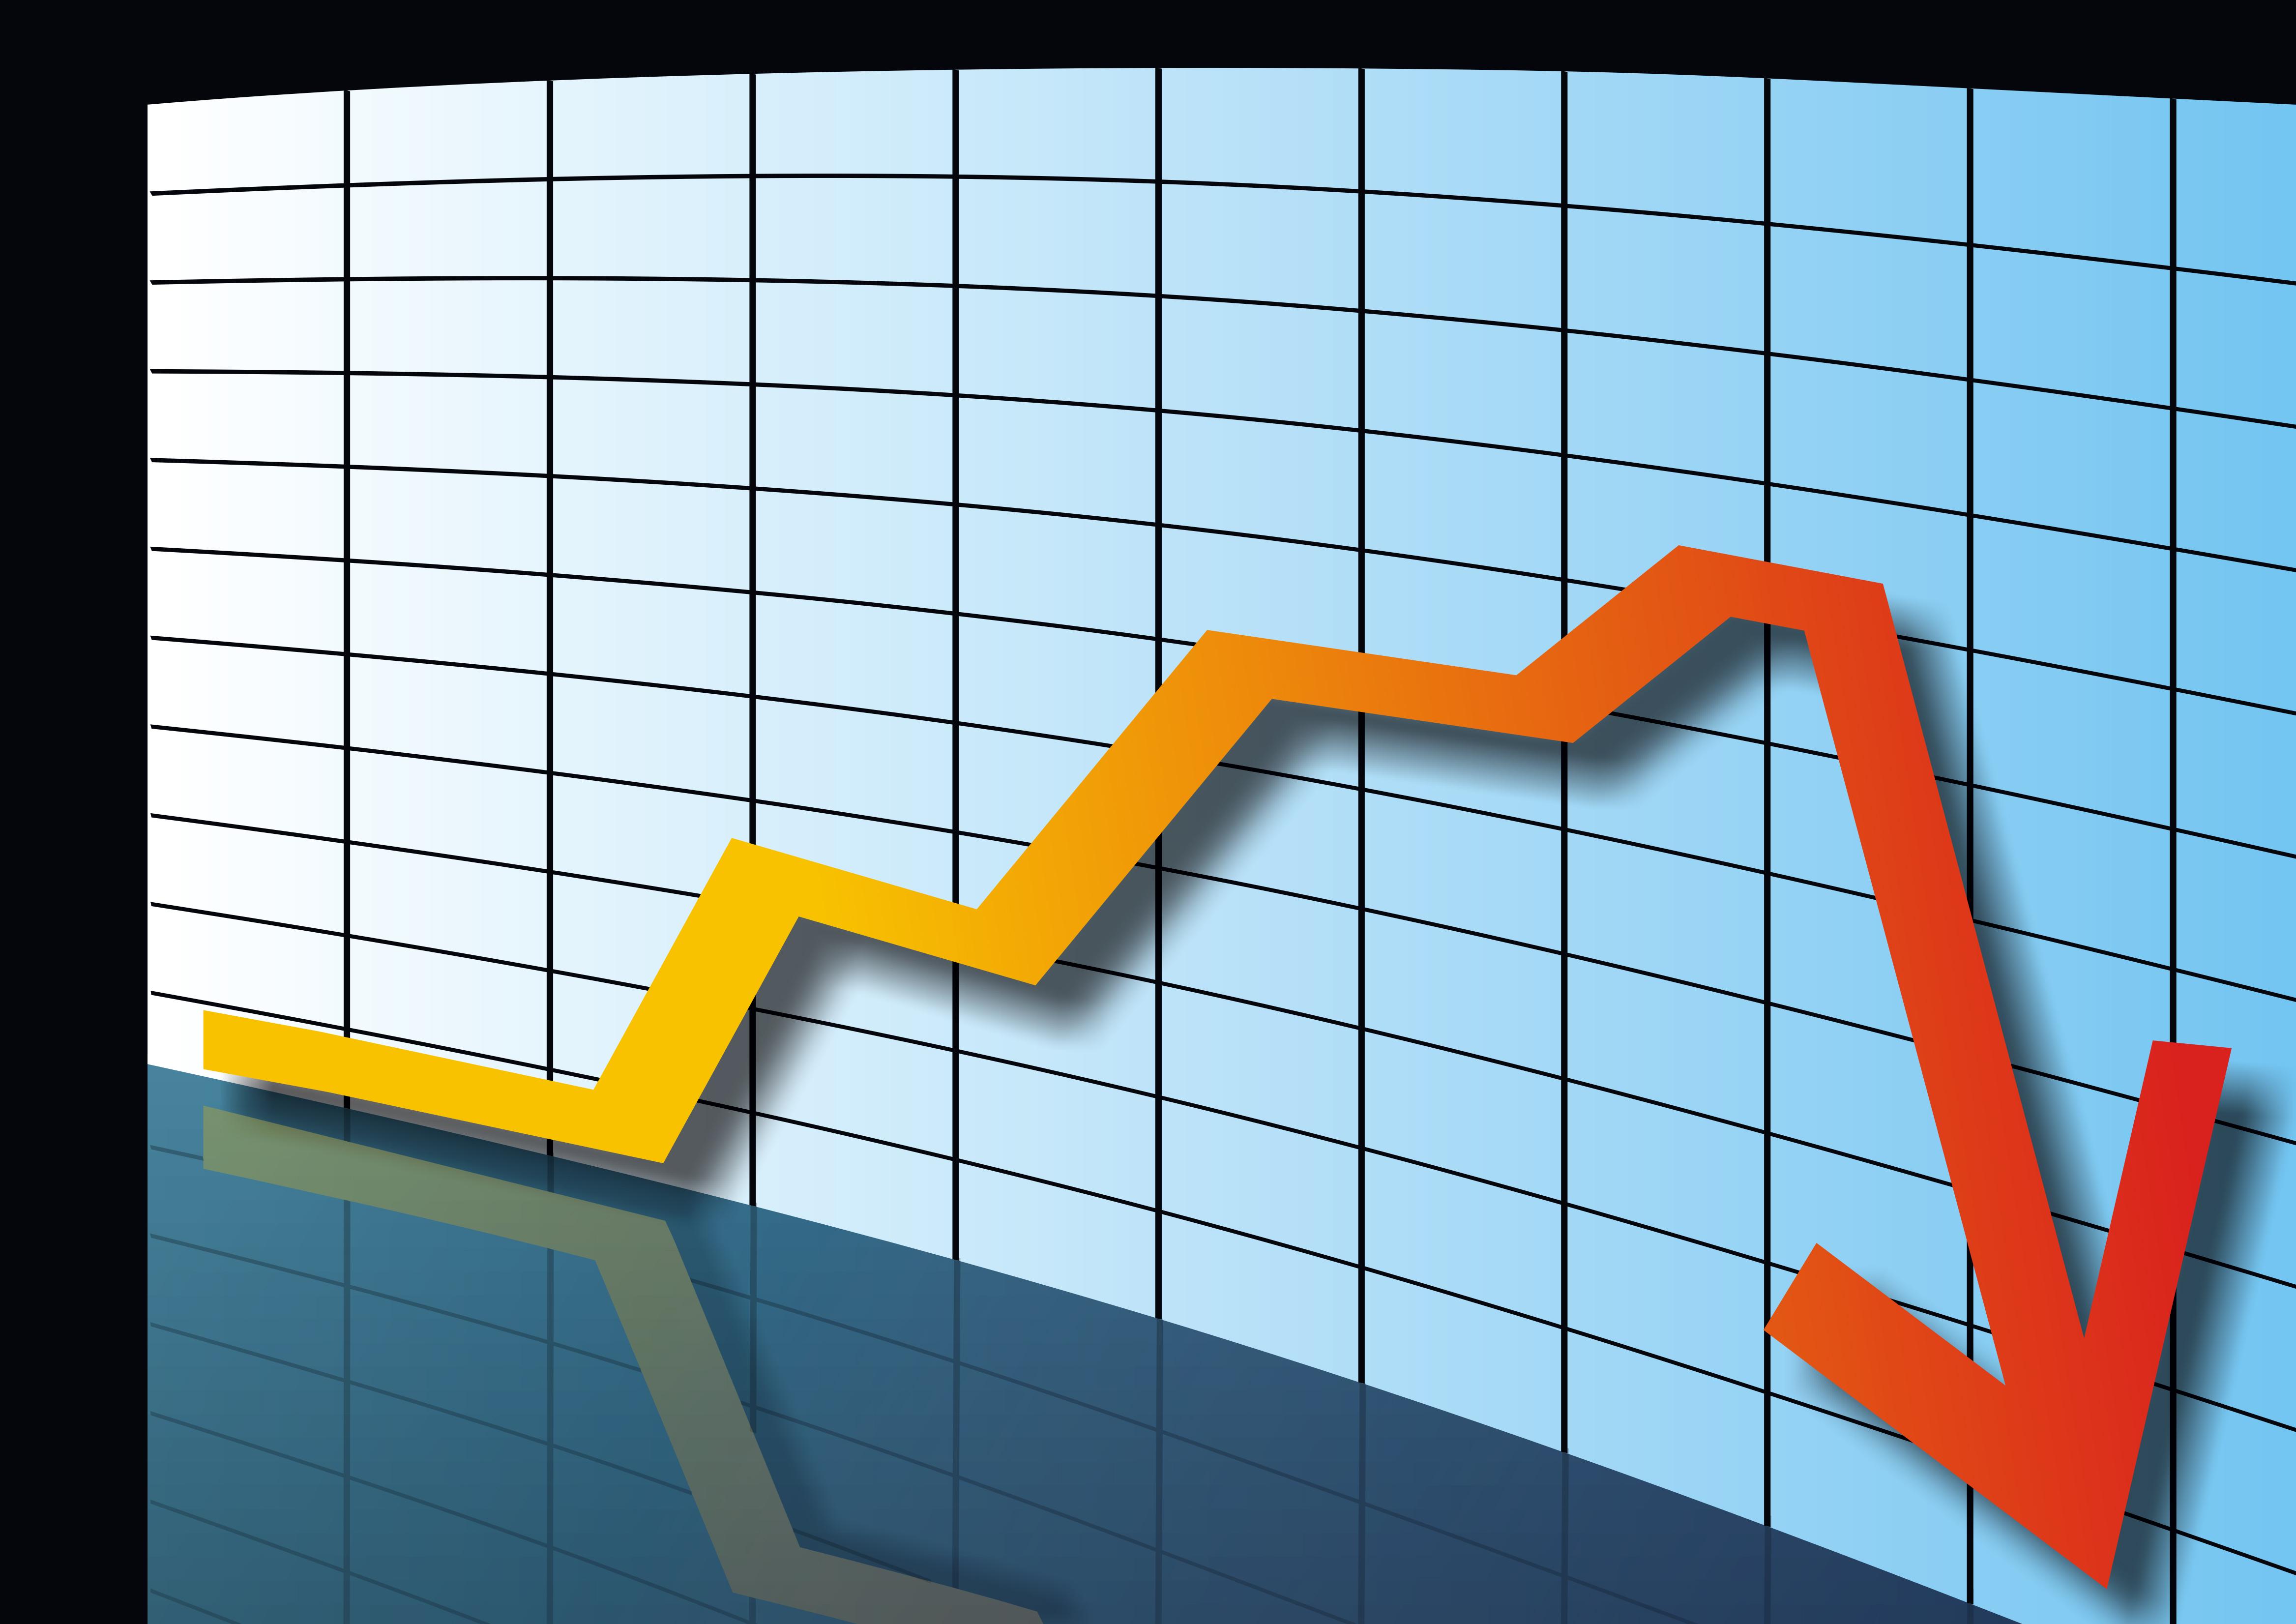 Почему в россии финансовый кризис перерастает в кризис экономический?